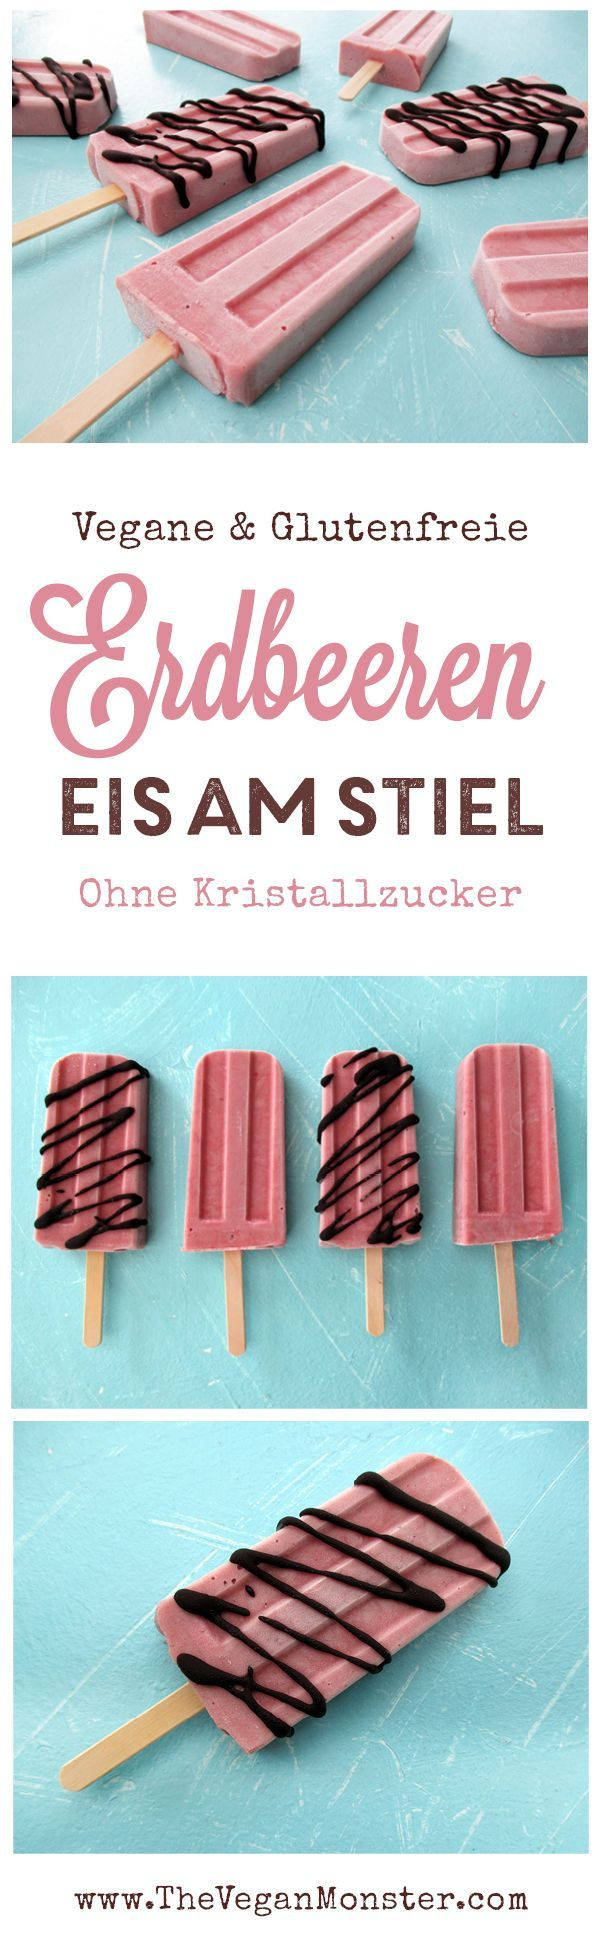 Erdbeer Eis am Stiel (Vegan, Glutenfrei, Ohne